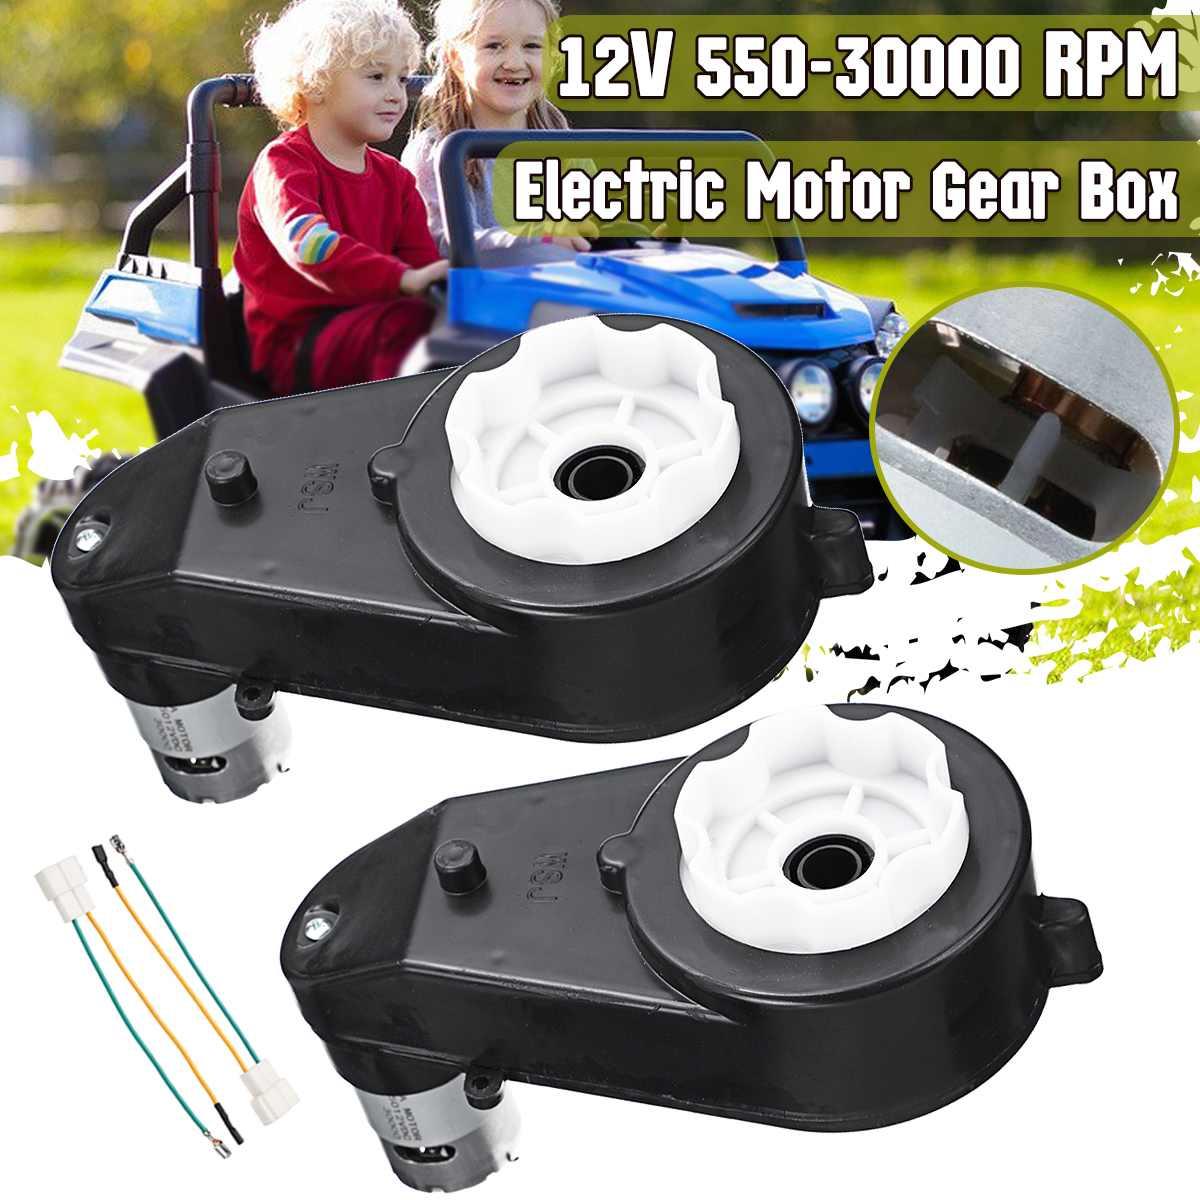 2 قطعة RS390/550 30000 دورة في الدقيقة 12000 دورة في الدقيقة 12 فولت علبة تروس موتور كهربائي للأطفال أطفال ركوب على ملحقات لعبة الدراجة سيارة استبدال